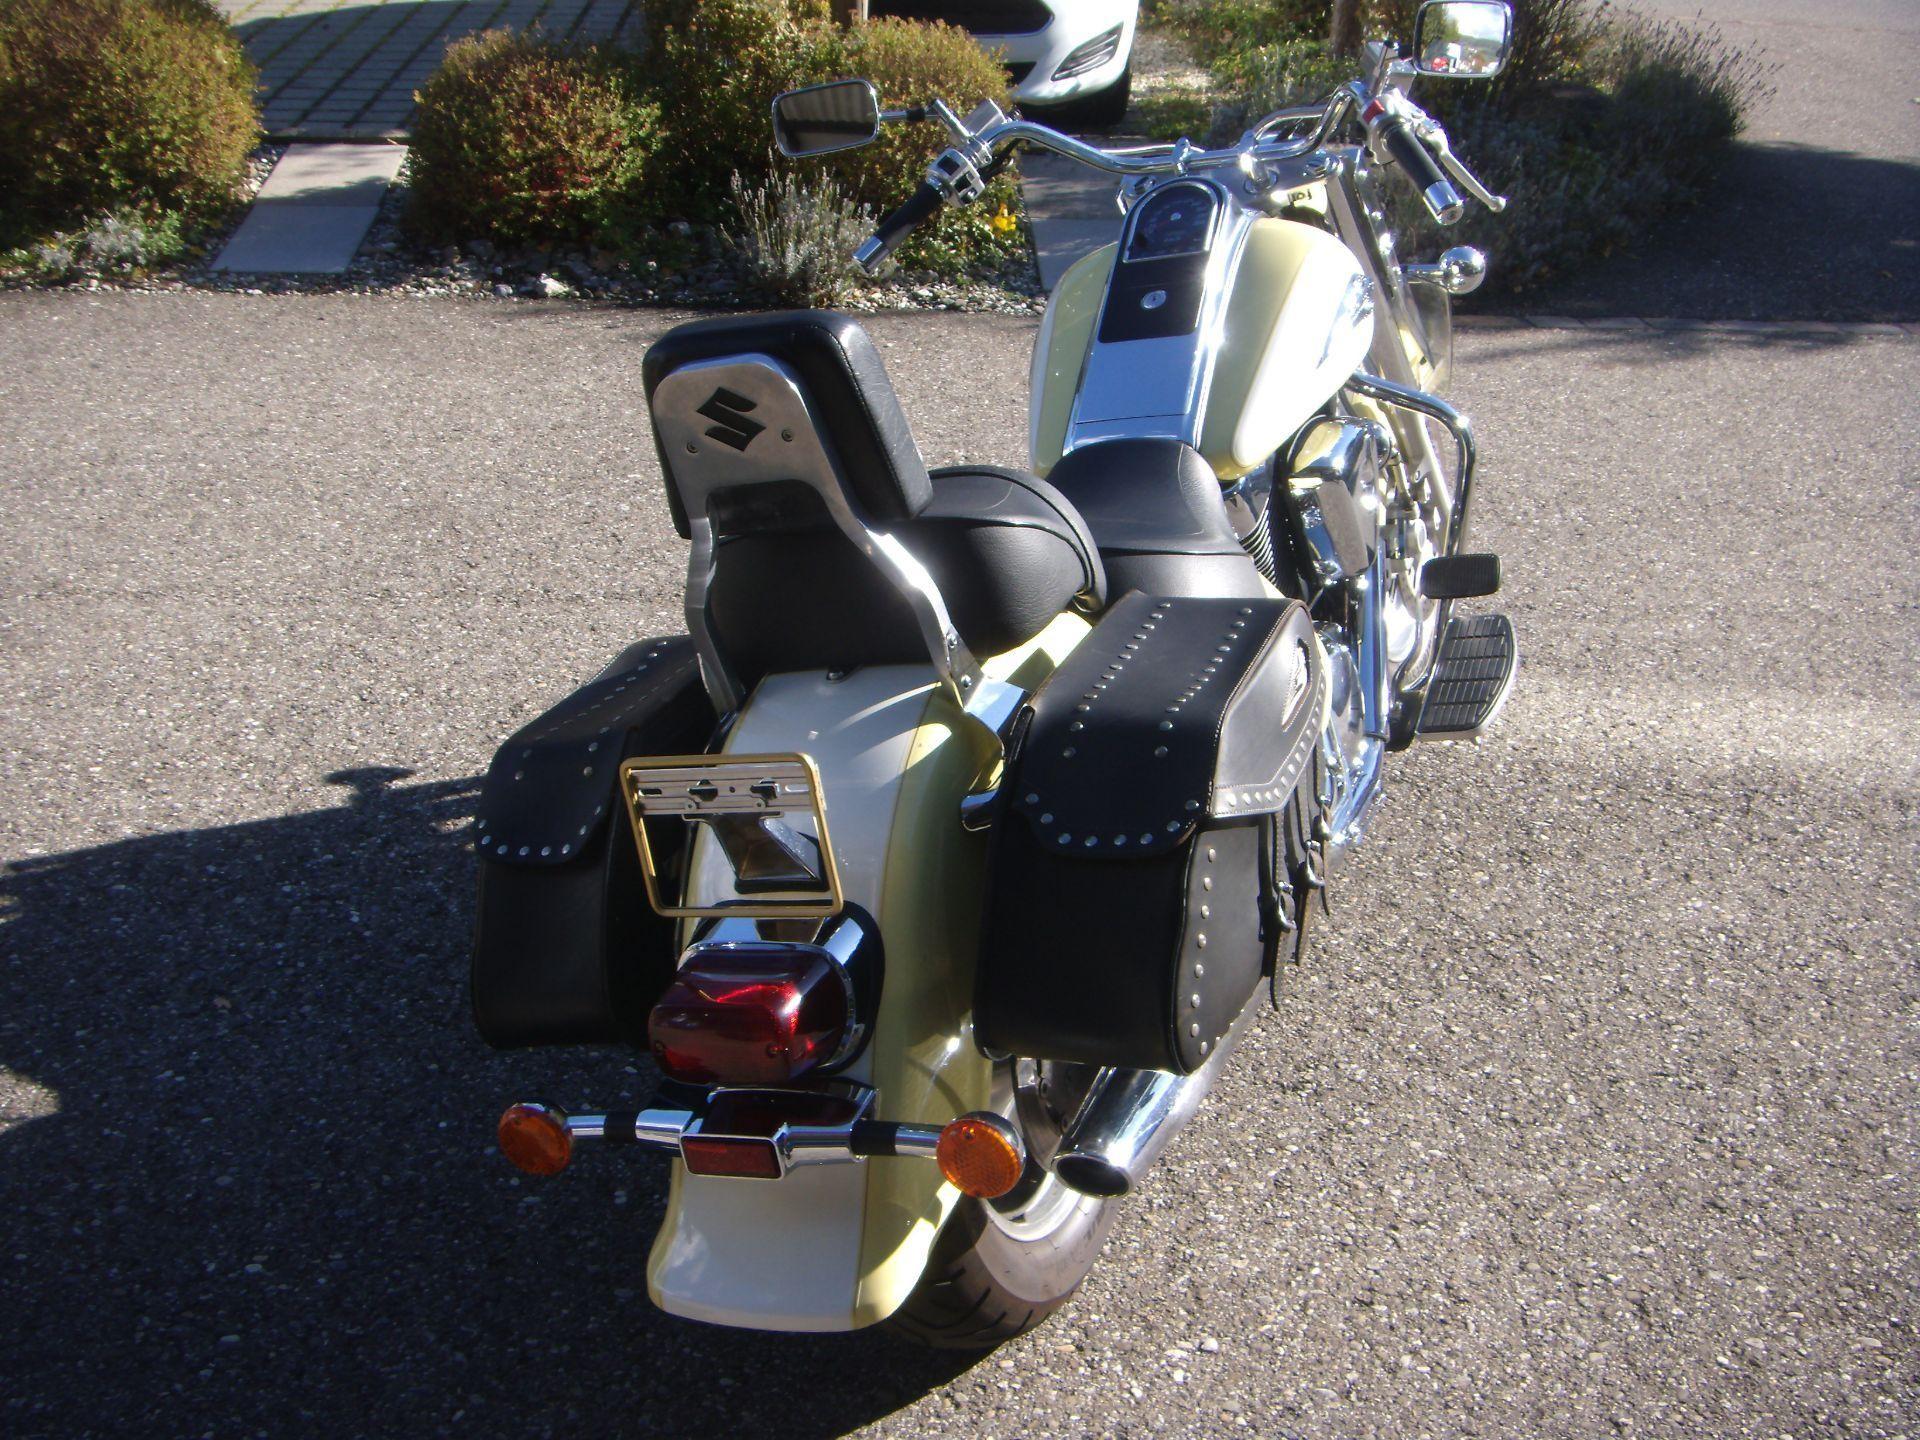 motorrad occasion kaufen suzuki vl 1500 intruder n o bike. Black Bedroom Furniture Sets. Home Design Ideas